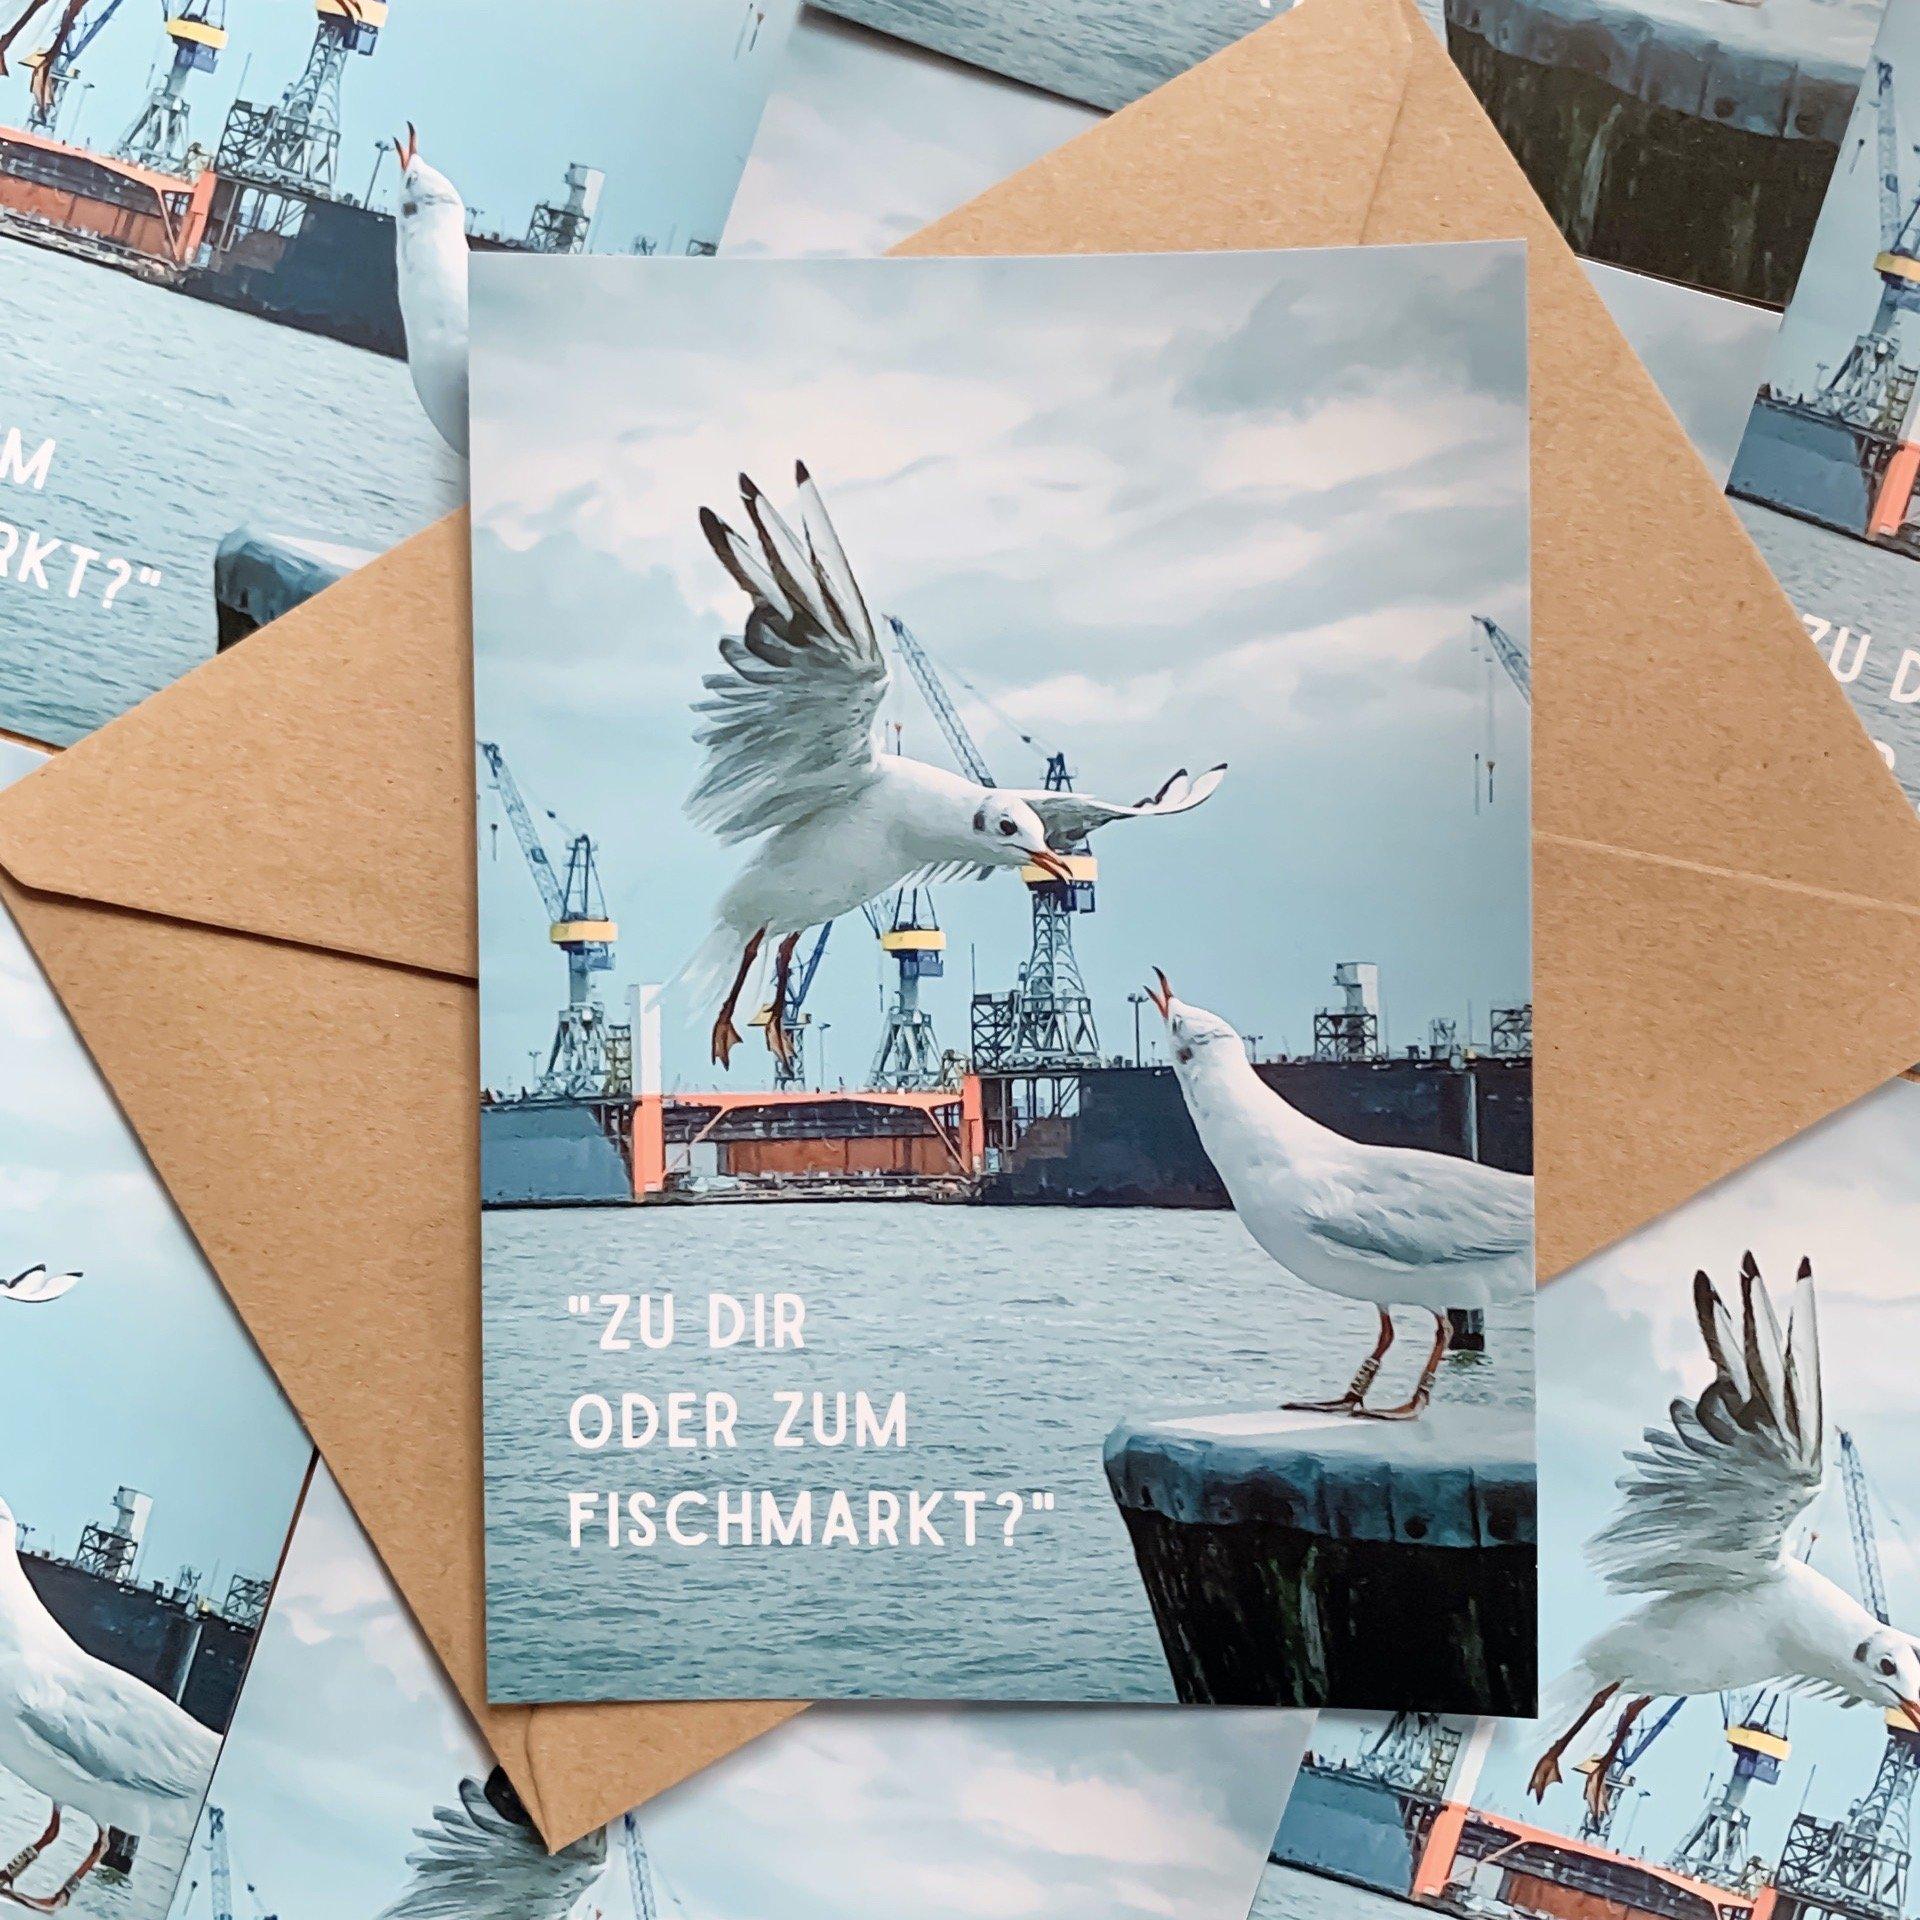 Möwen, Aale, Hafenkräne: Tipps & Fakten Rund Um Den Hamburger Fischmarkt